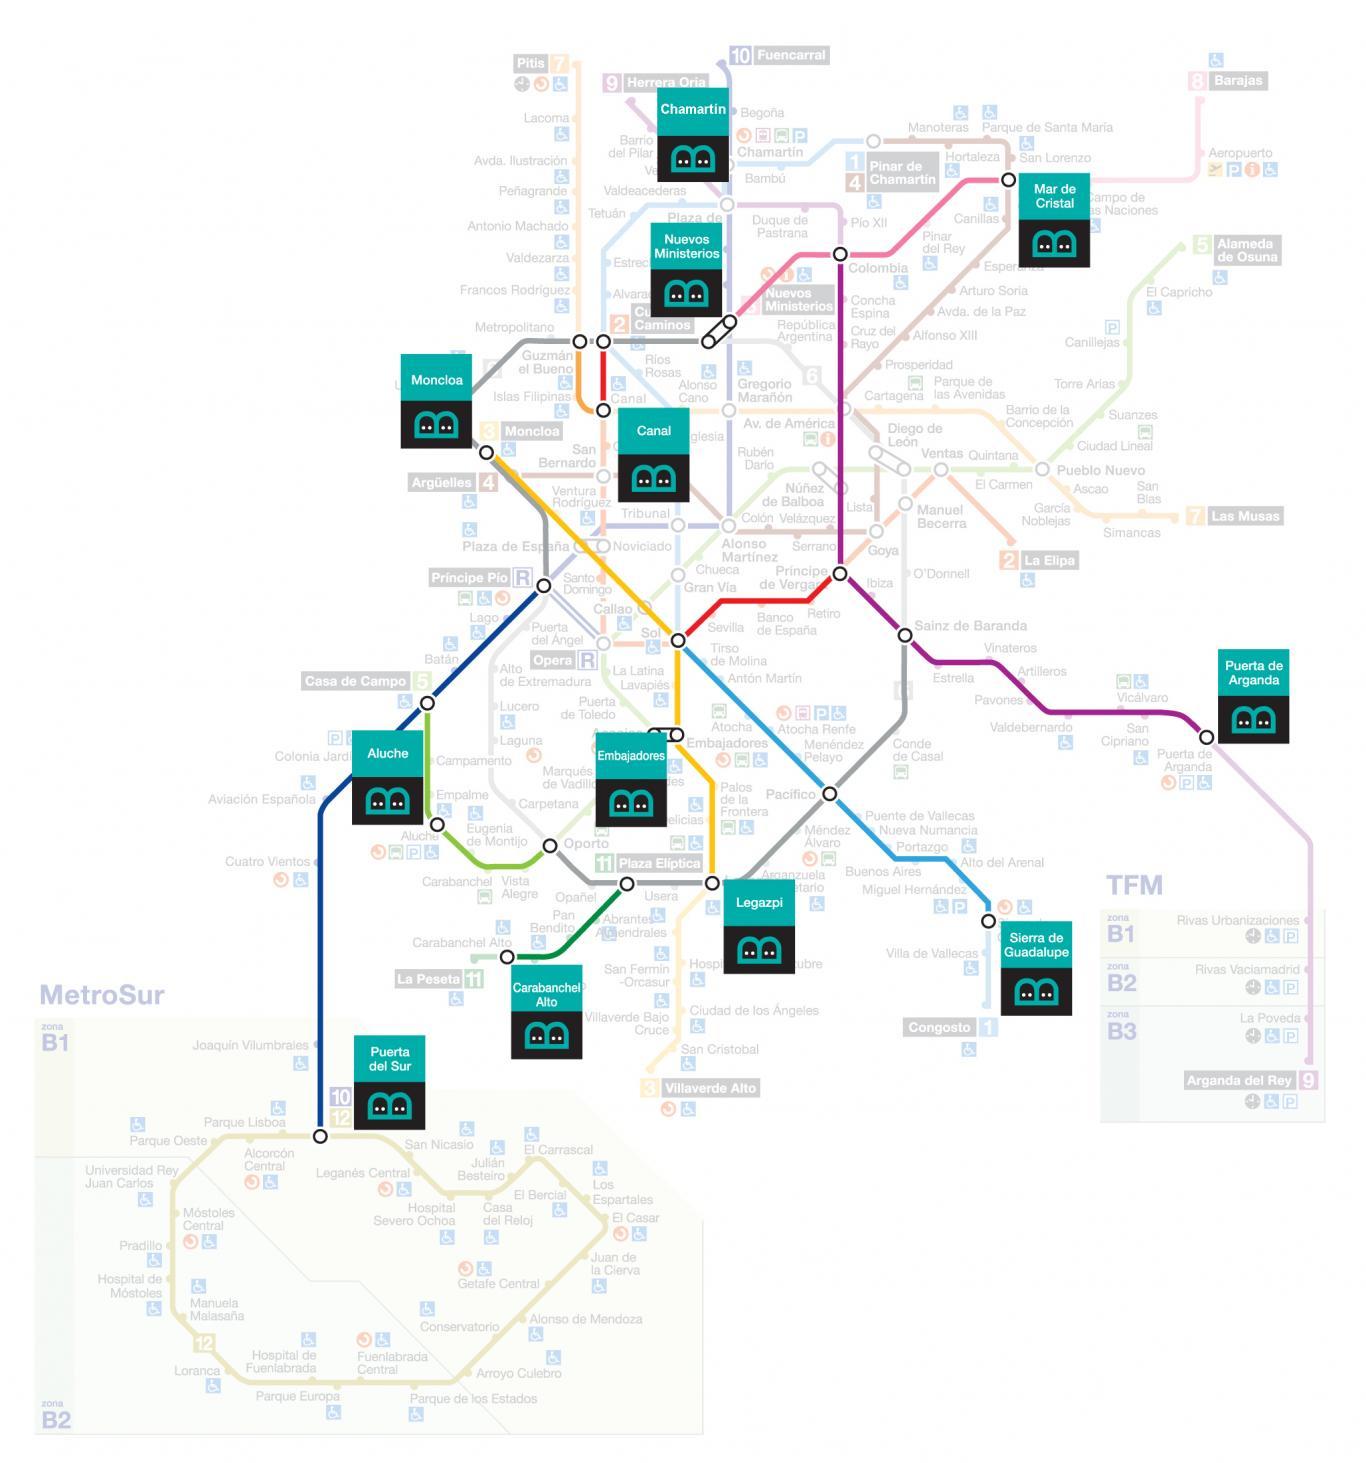 Bibliometros en el mapa de Metro